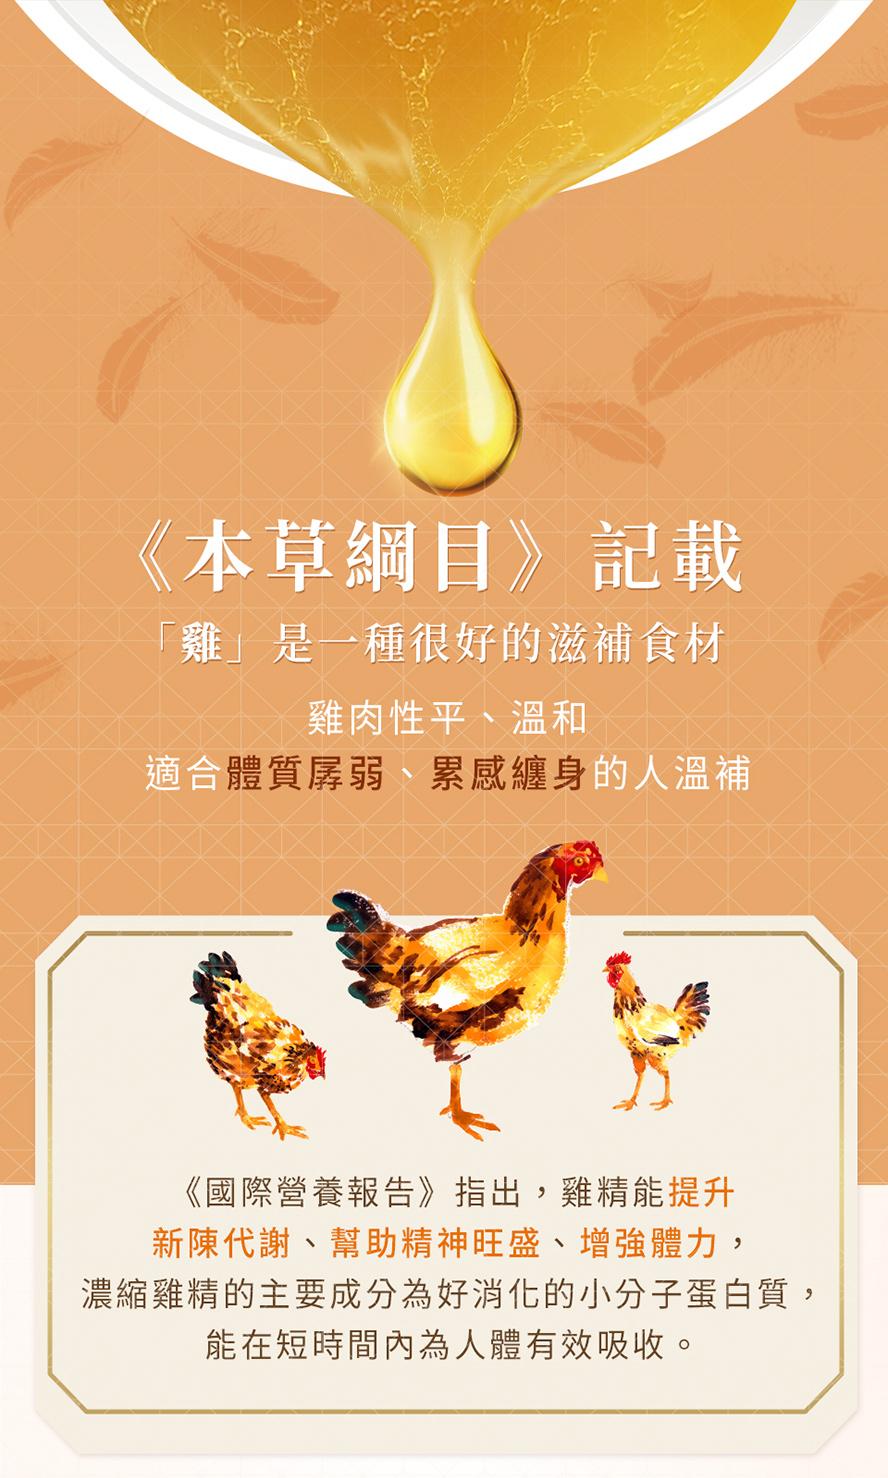 國際營養報告研究指出,雞精能提振精神、維持健康;而濃縮雞精的主要成分就是好消化的小分子蛋白質,飲用後能在短時間內為人體有效吸收,非常適合體質虛弱者食用。